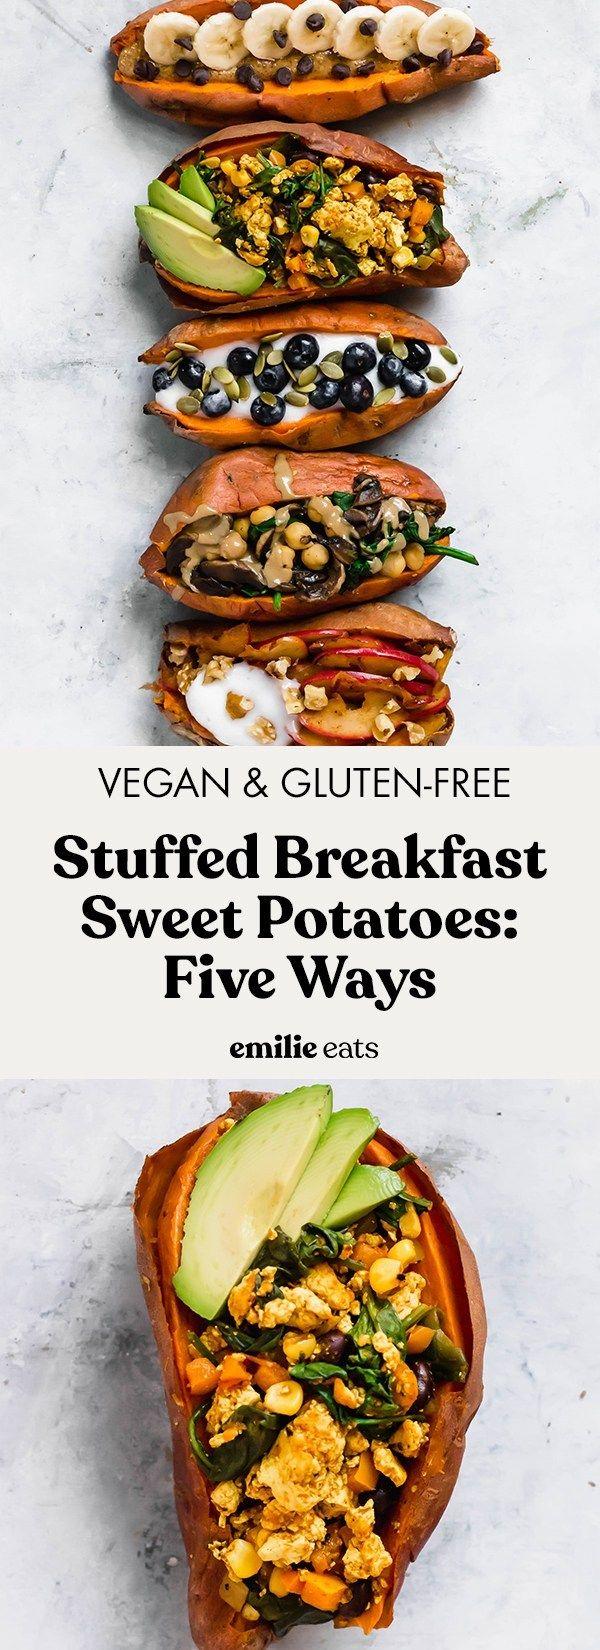 Stuffed Breakfast Sweet Potatoes: 5 Ways